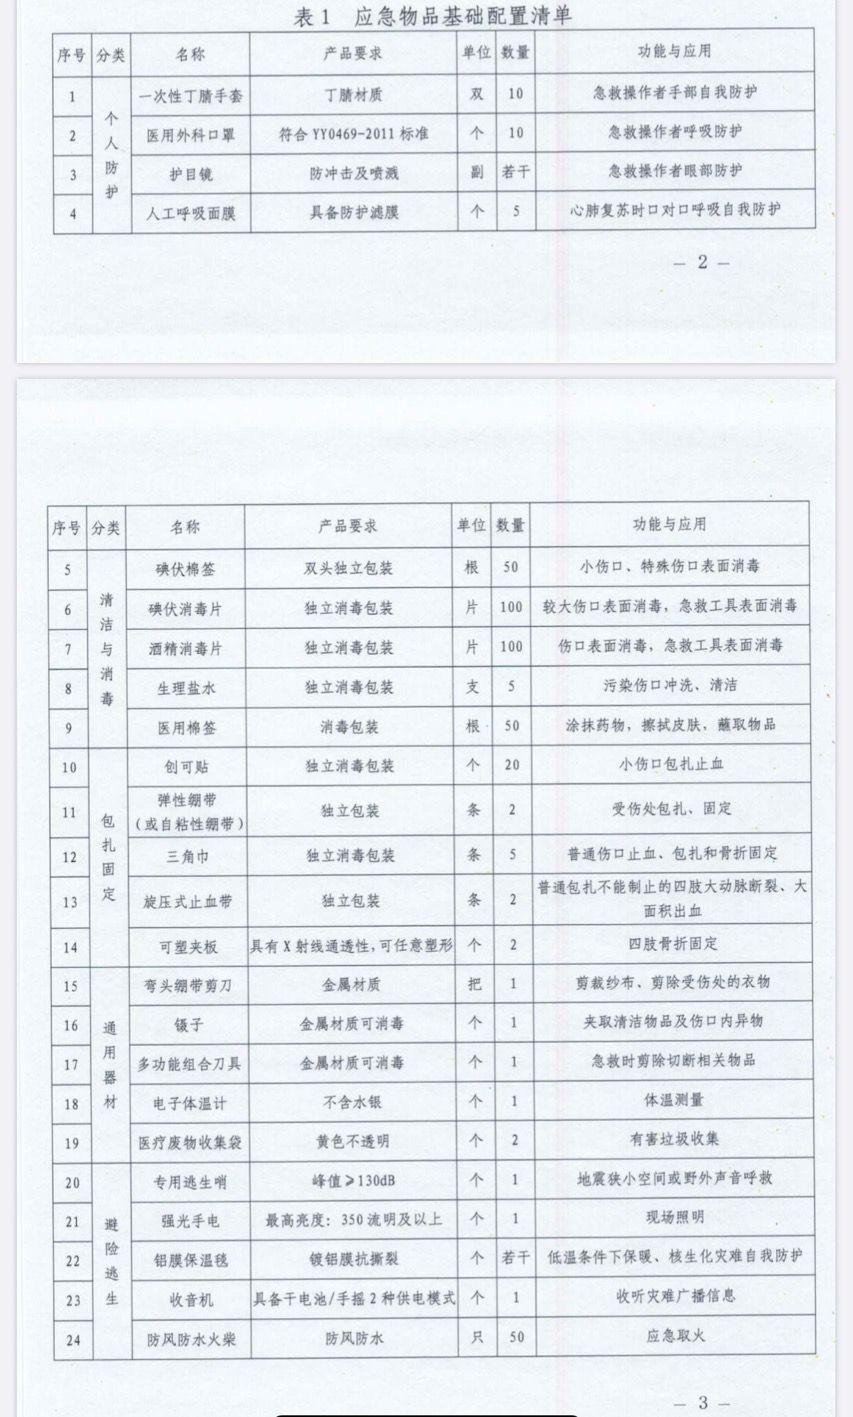 杏耀代理急物品该杏耀代理准备啥北京12图片